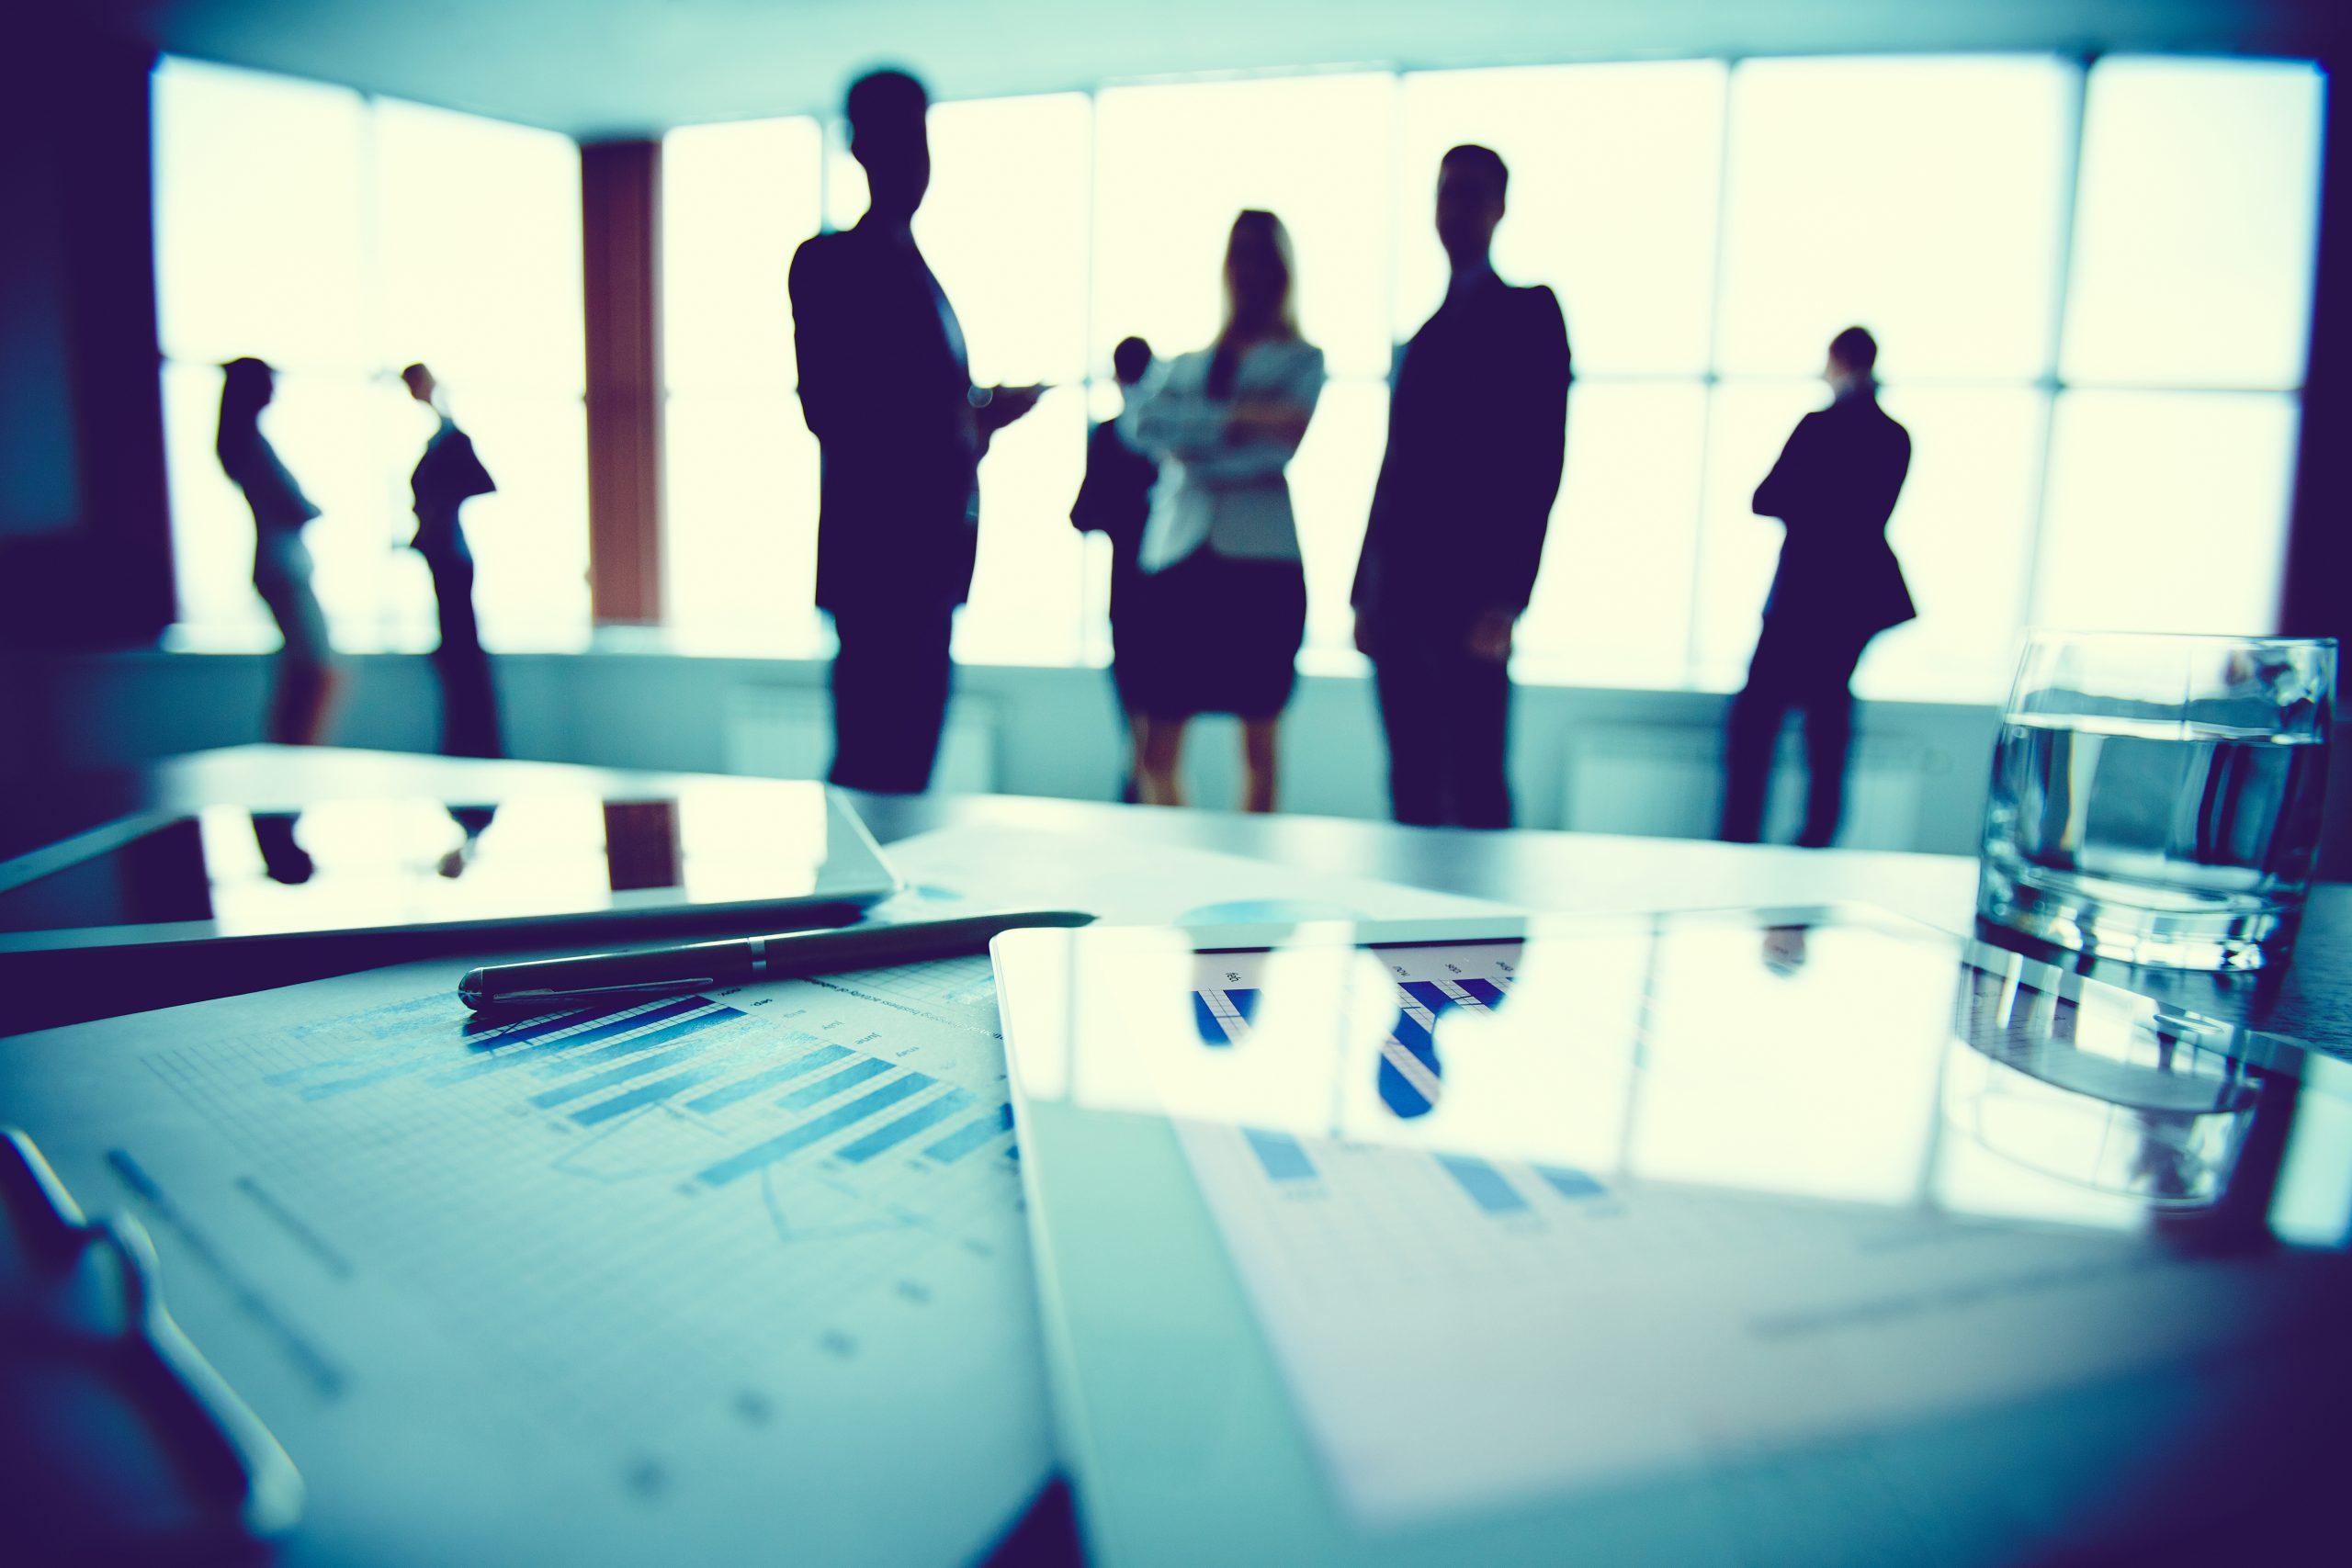 最新所得税消息 :无商业营运收入的公司或有限责任合伙企业,将不再被视为中小型企业